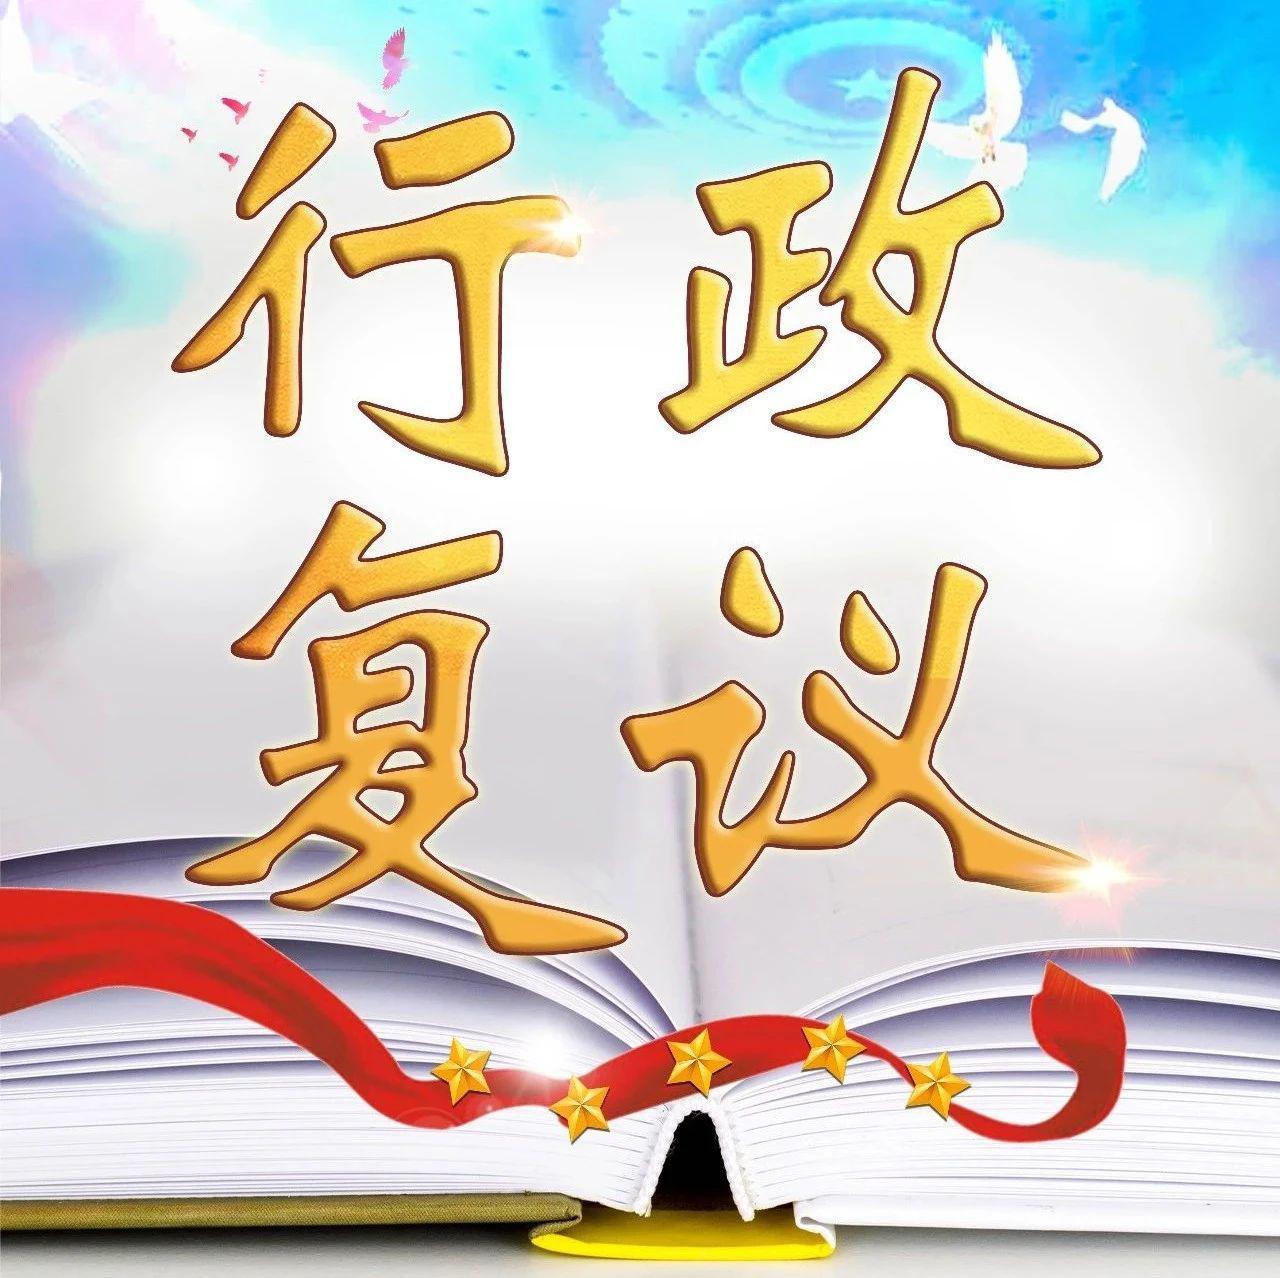 广东省司法厅出台行政复议体制改革配套机制 部署落实改革准备工作